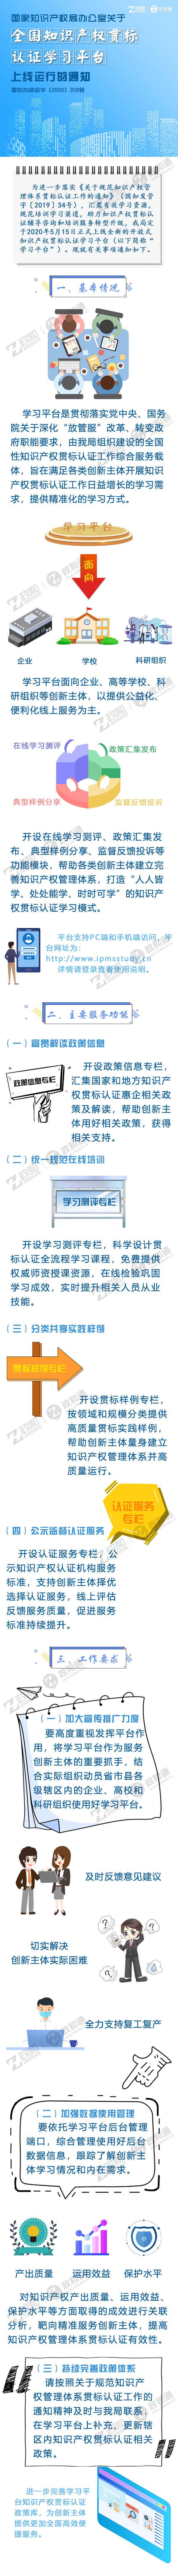 国家知识产权局办公室关于全国知识产权贯标认证学习平台上线运行的通知.jpg